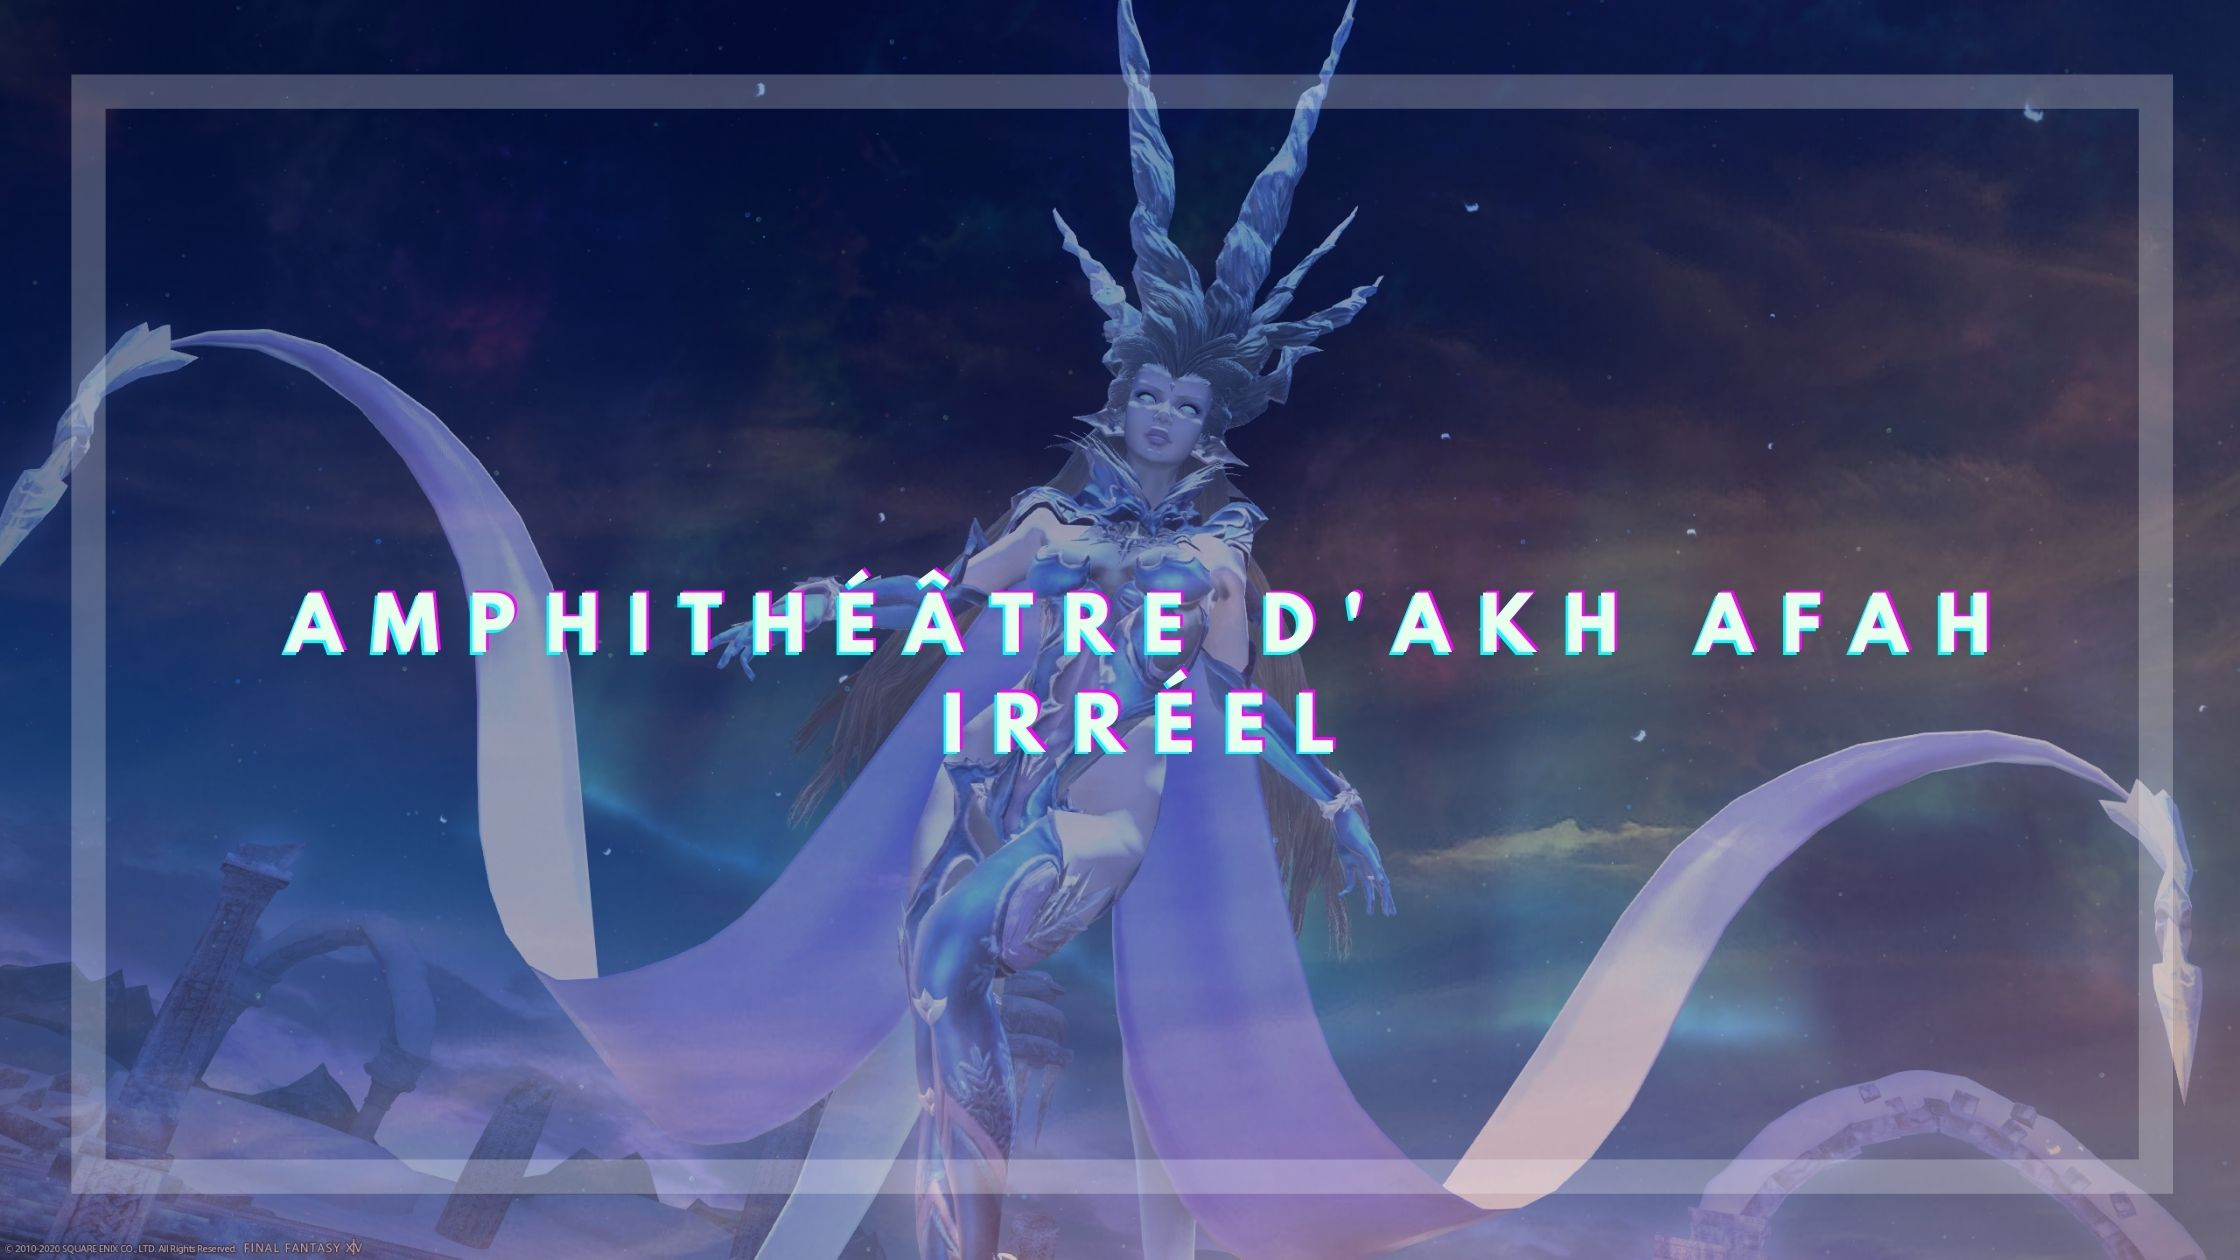 L'Amphithéatre d'Akh Afah – Irréel